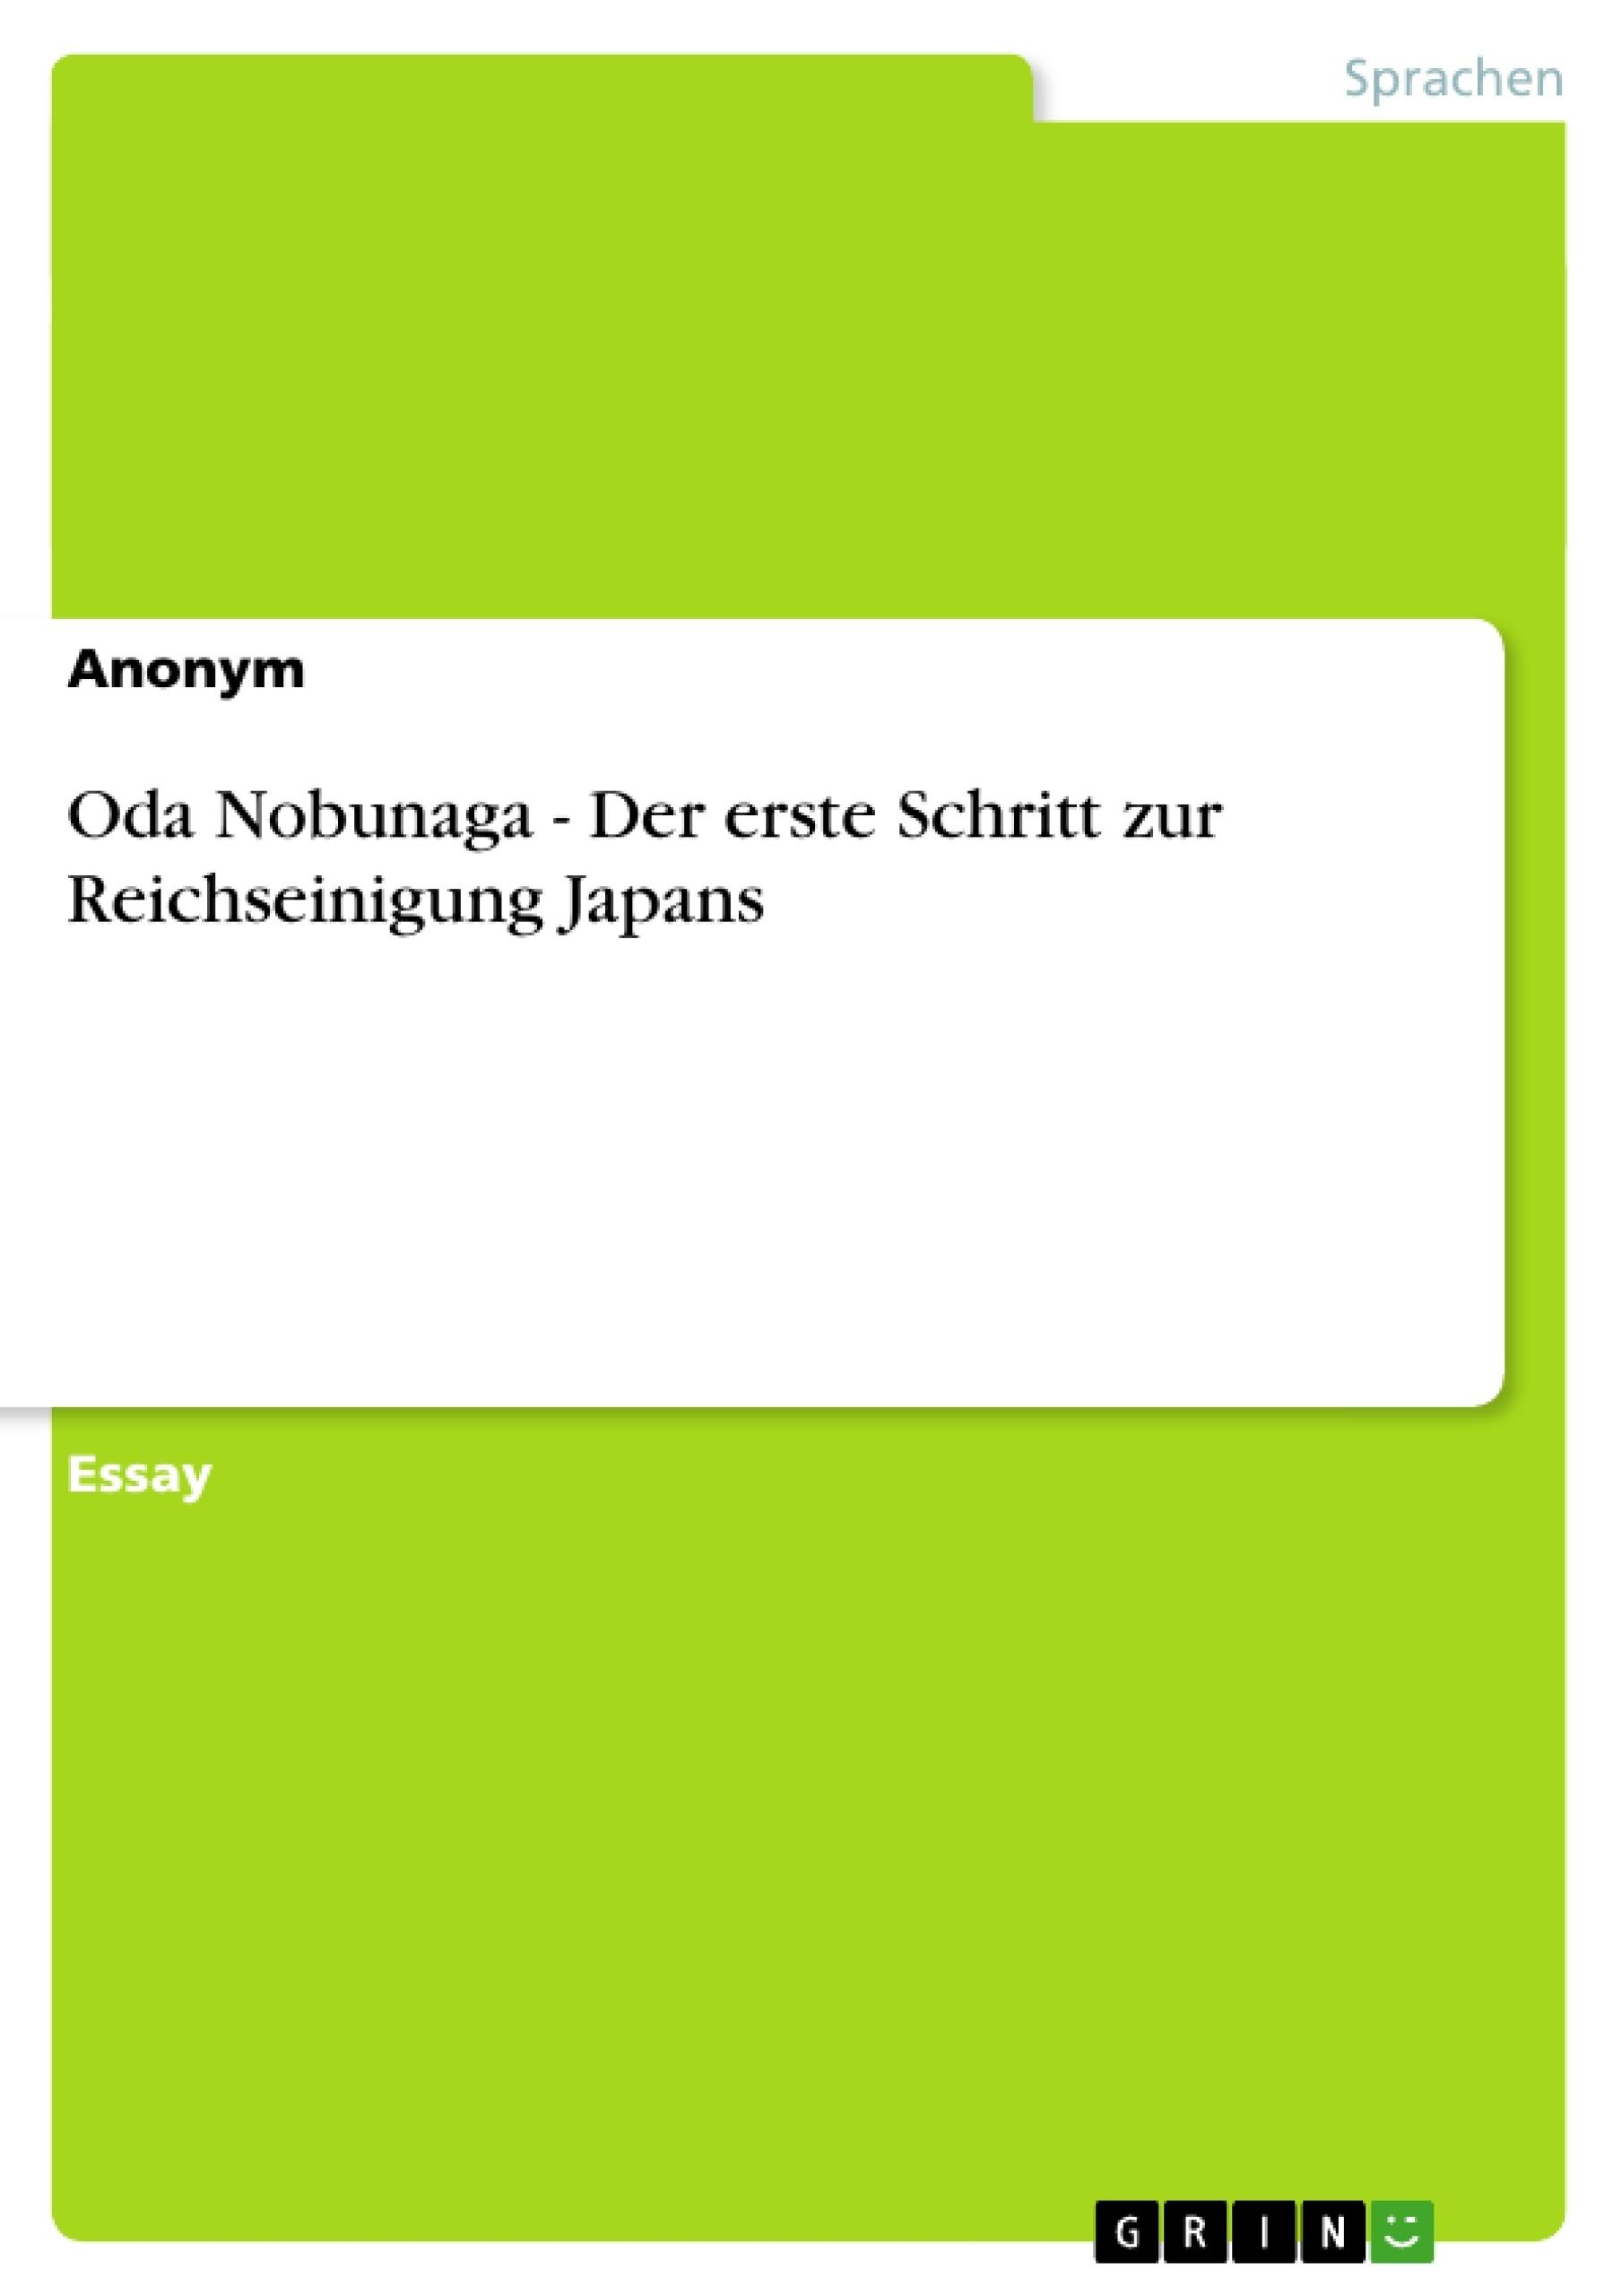 Titel: Oda Nobunaga - Der erste Schritt zur Reichseinigung Japans